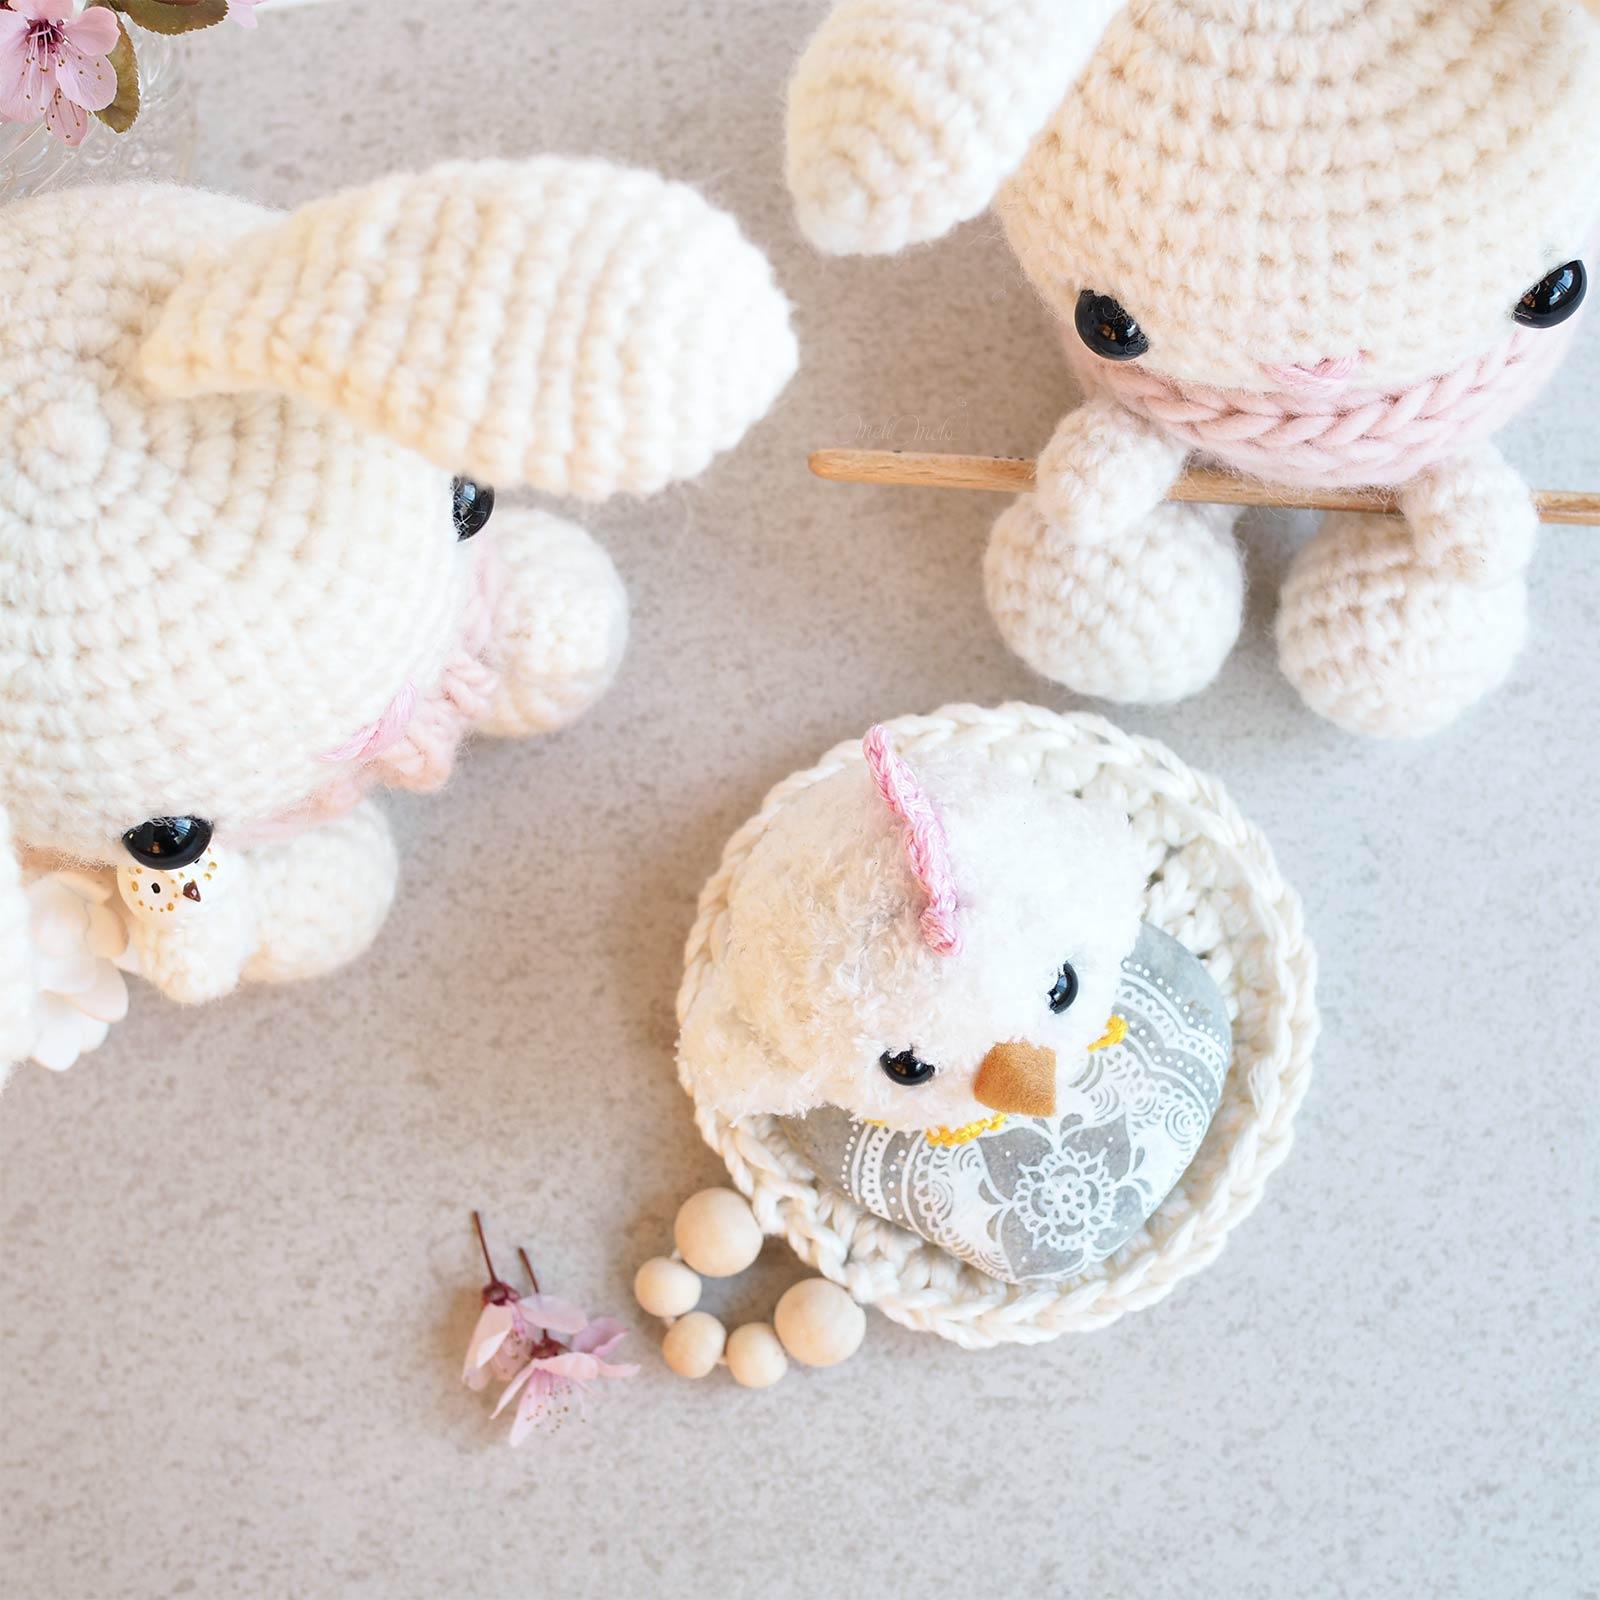 lapins poussin crochet printemps Pâques laboutiquedemelimelo